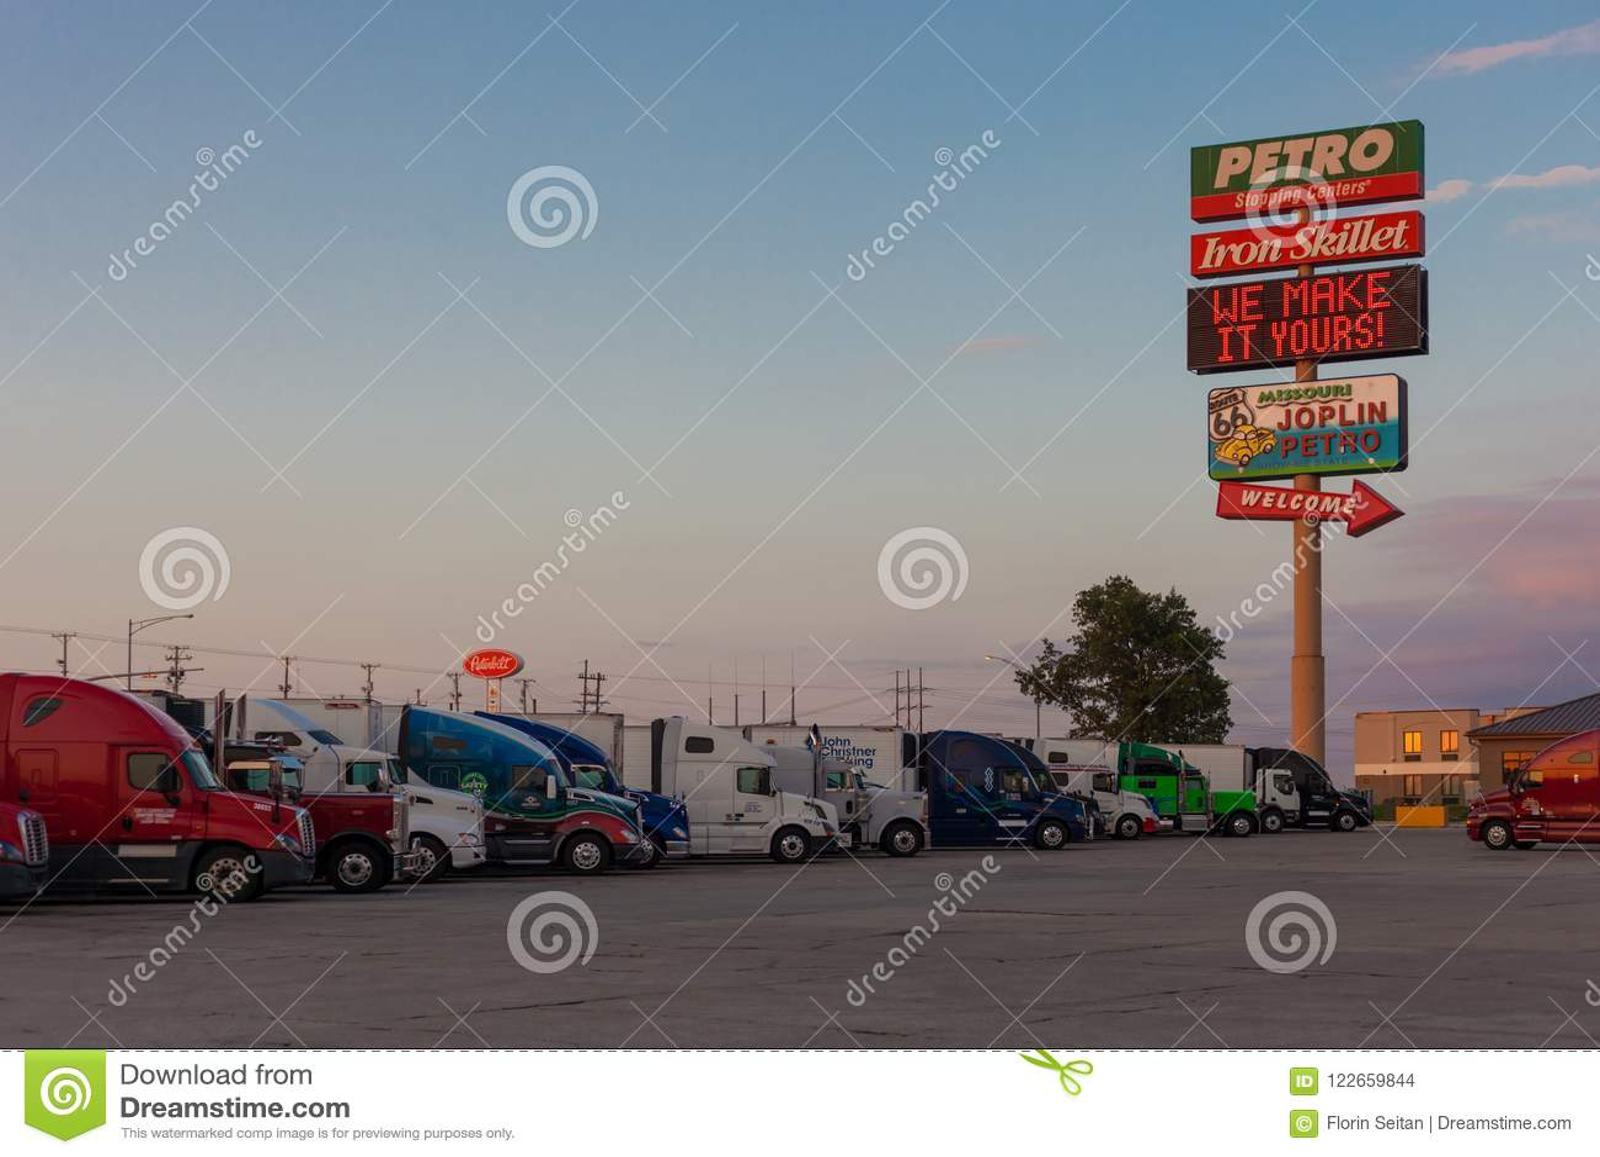 Petro Joplin Mo >> Joplin Missouri July 8 2018 Joplin 44 Petro Truckstop